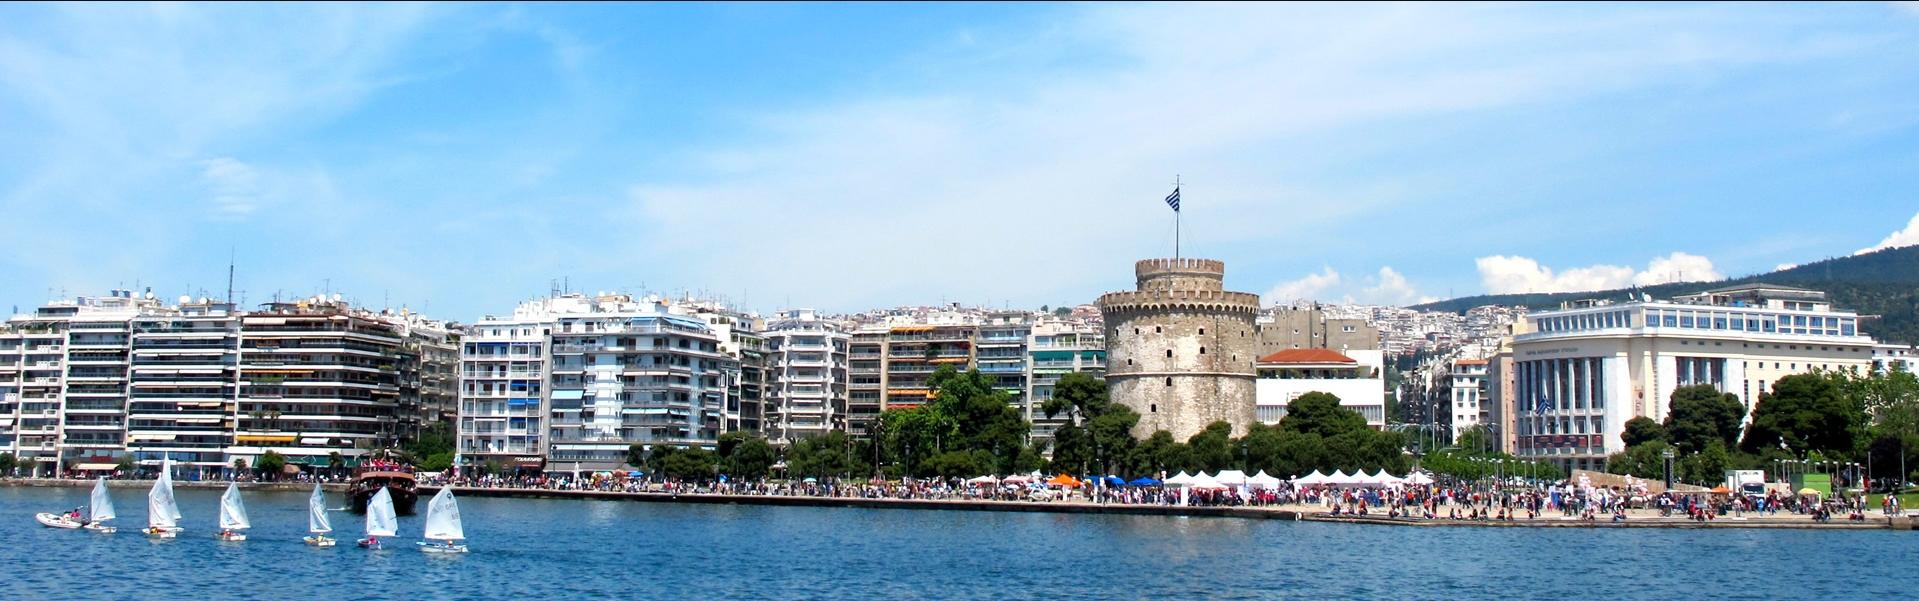 Ενοικιαζόμενα αυτοκίνητα Thessaloniki cars rental autogreece